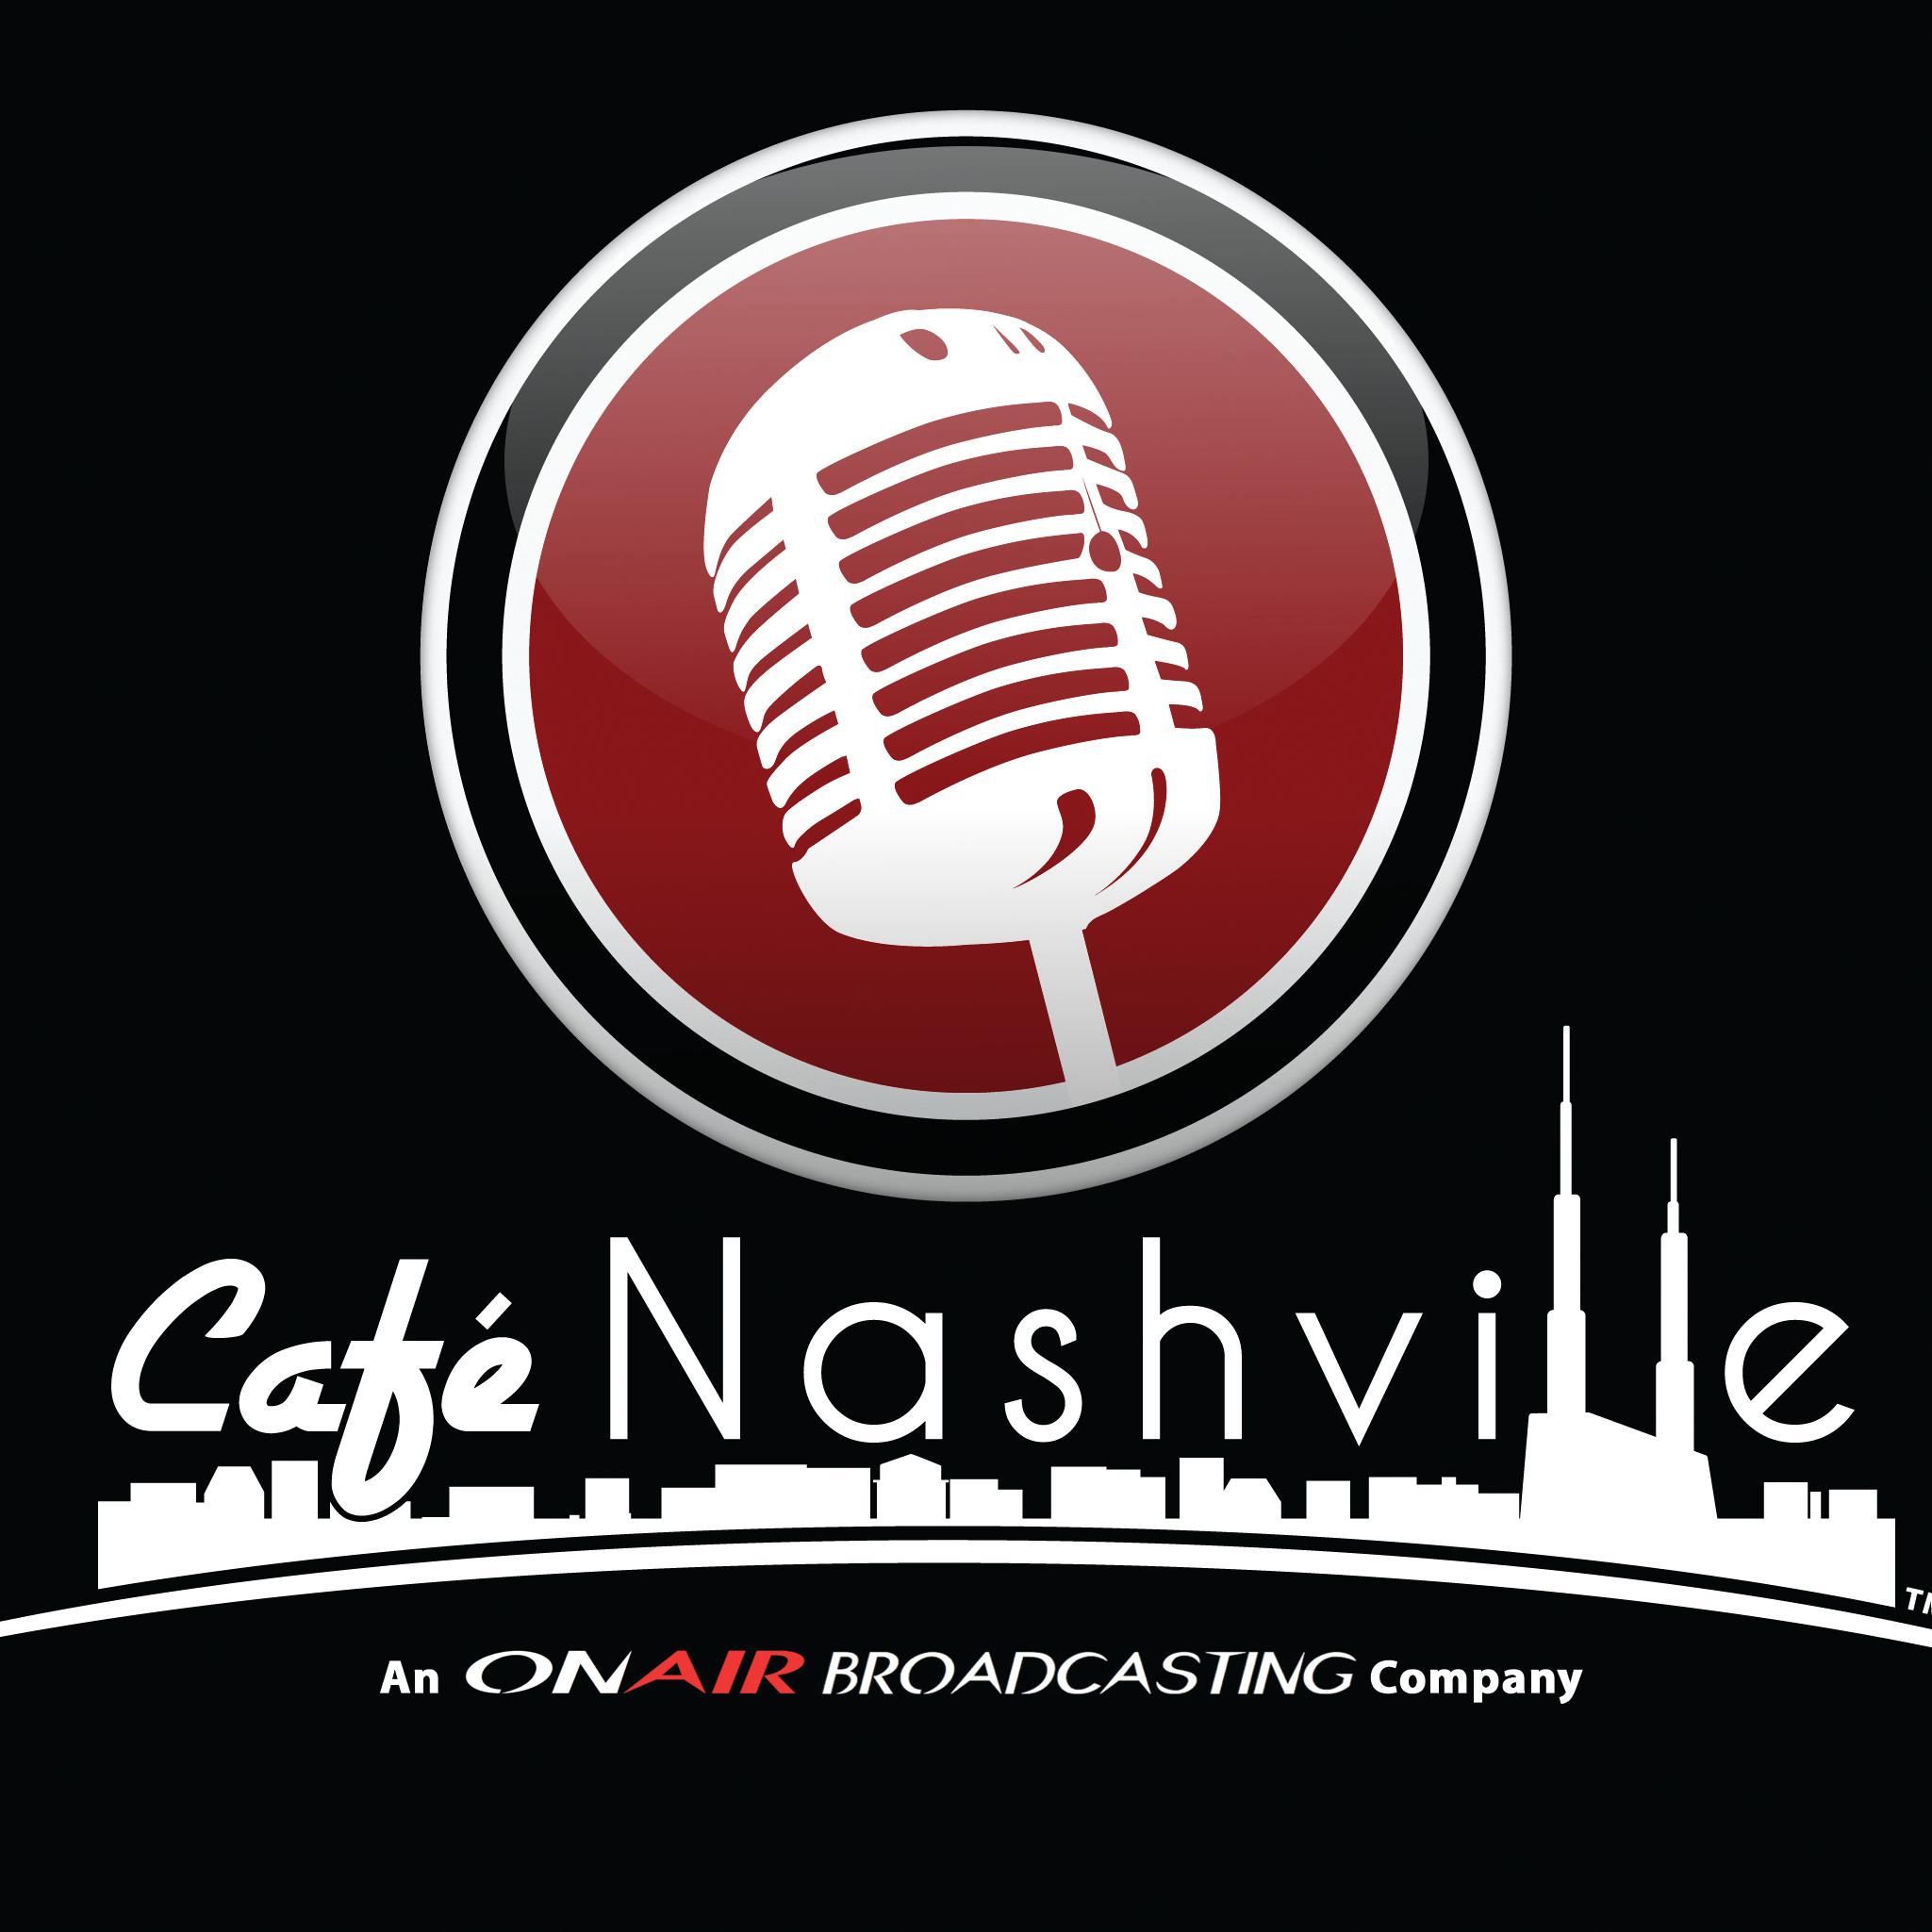 CafeNashville.com